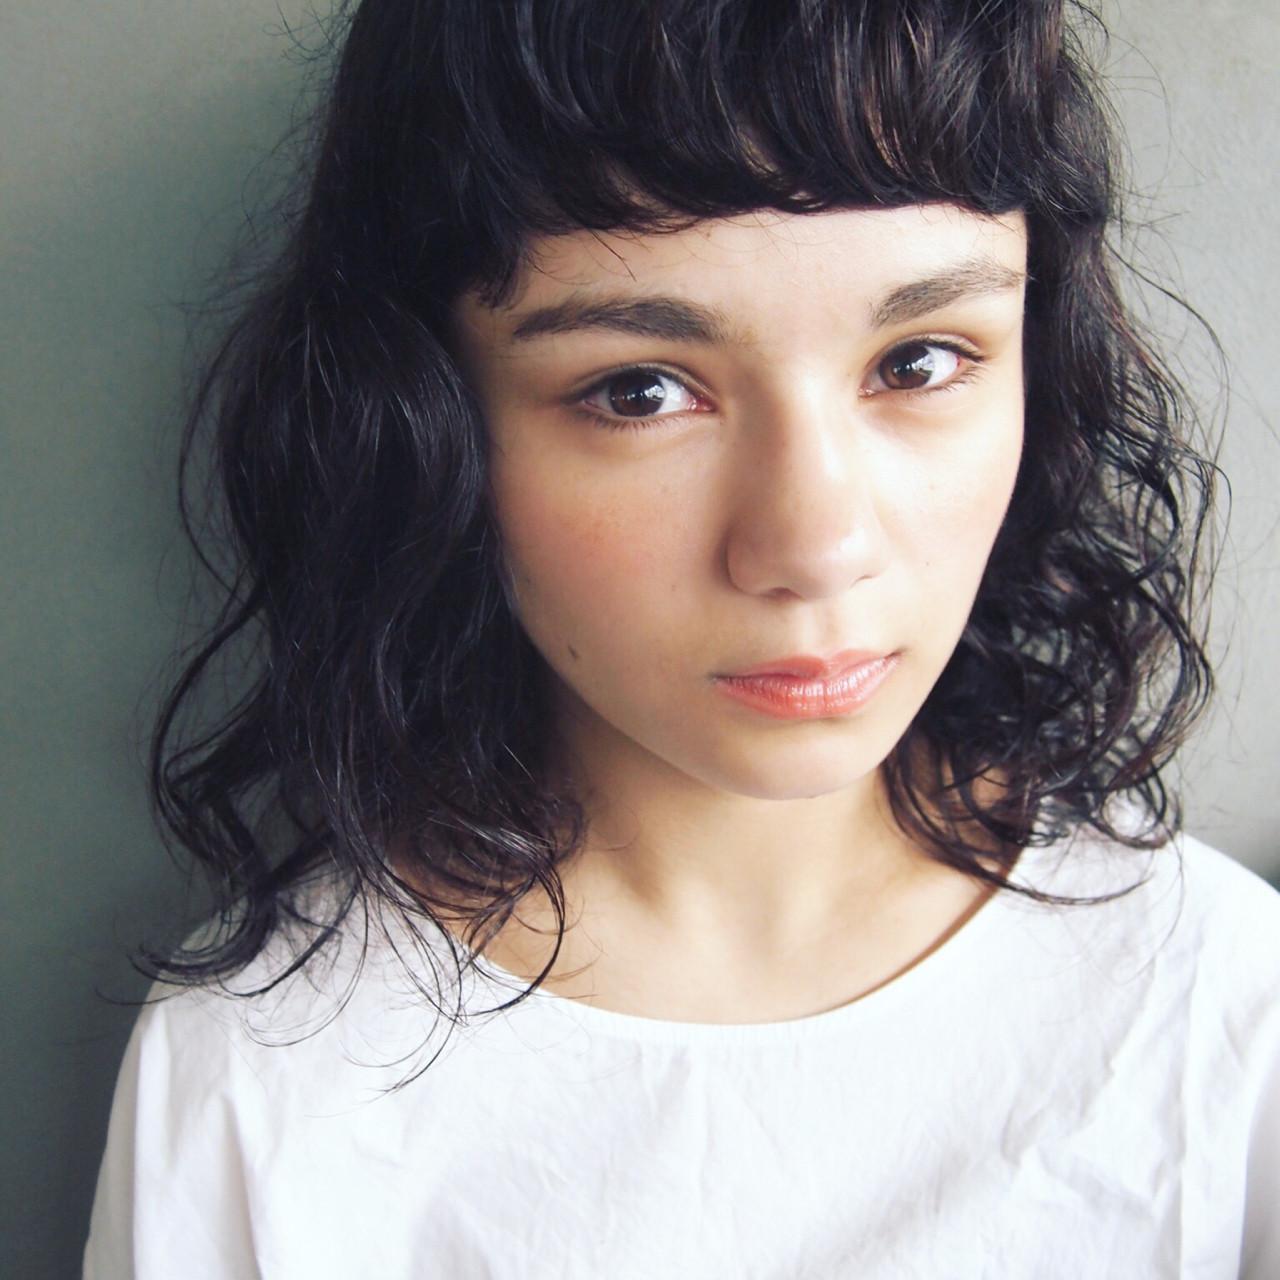 ナチュラル 前髪パーマ 黒髪 くせ毛風 ヘアスタイルや髪型の写真・画像 | UEKI/nanuk / nanuk二子玉川